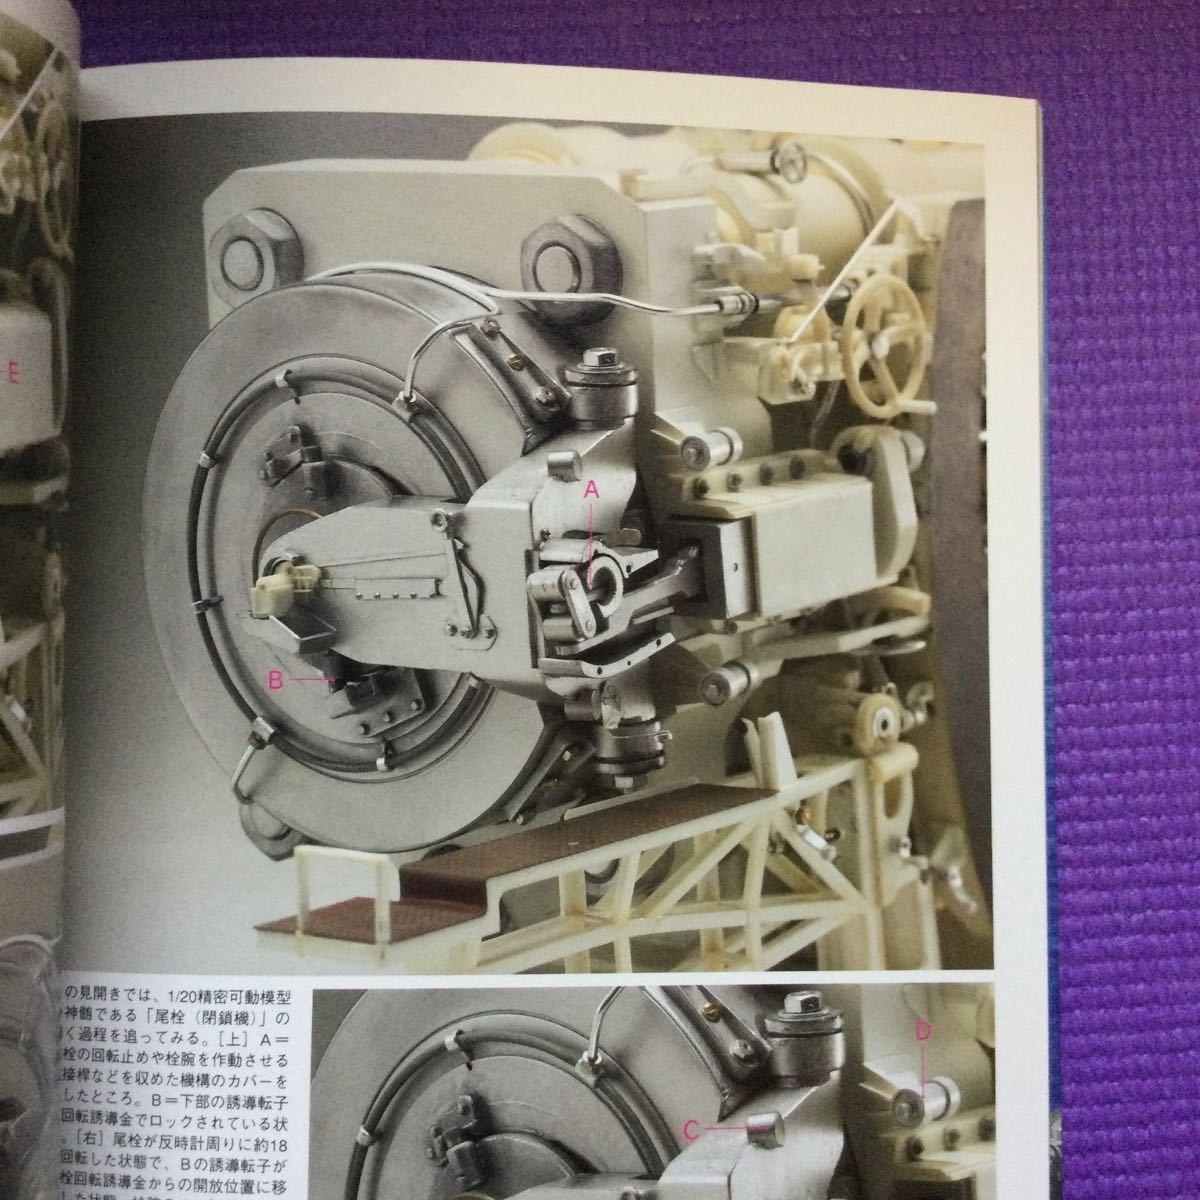 学研 歴史群像太平洋戦史シリーズvol.50 戦艦「大和」中古美品 太平洋 学研 歴史群像 世界の傑作機 モデルアート 世界の艦船 _画像8